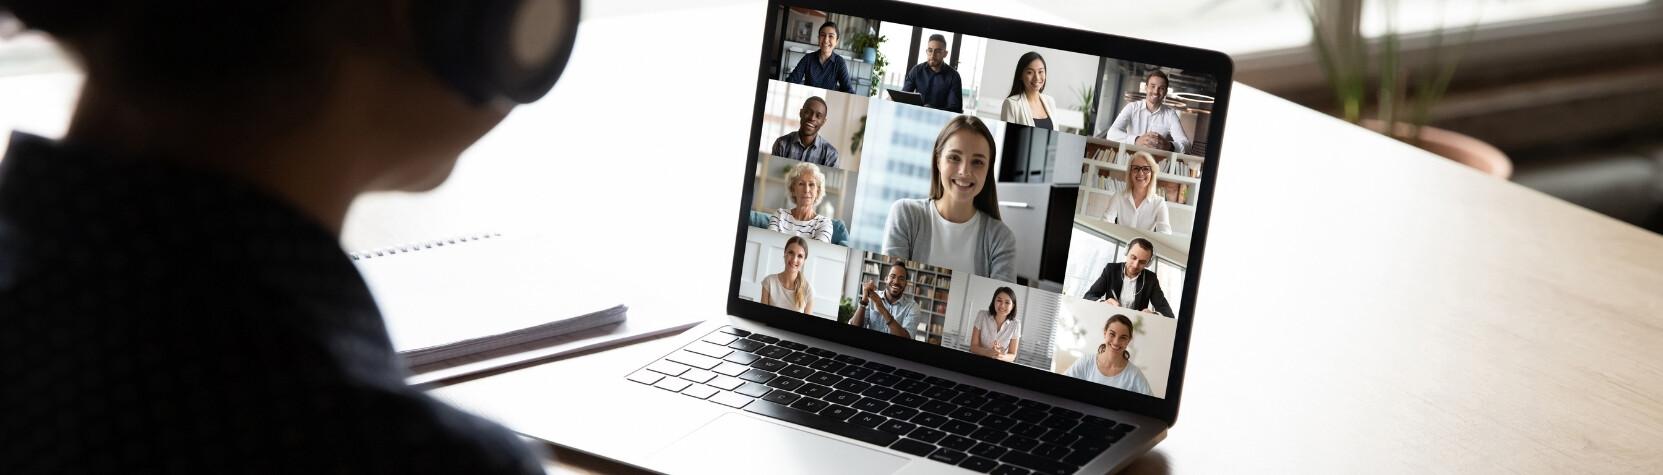 Vds training consultancy samenwerken leidinggeven op afstand